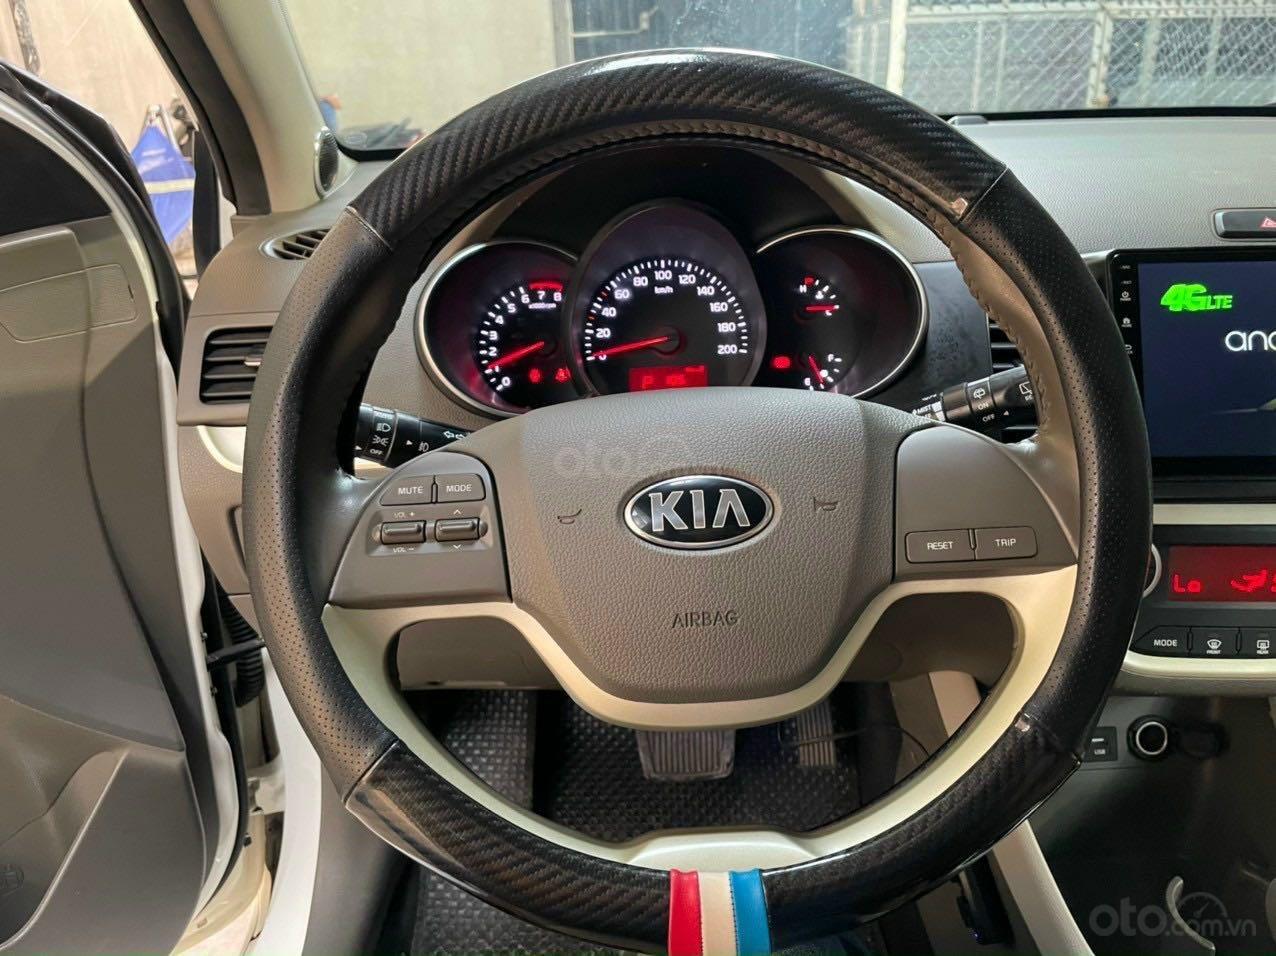 Cần bán lại xe Kia Morning năm 2018, màu trắng nhập khẩu giá tốt 369 triệu đồng (6)